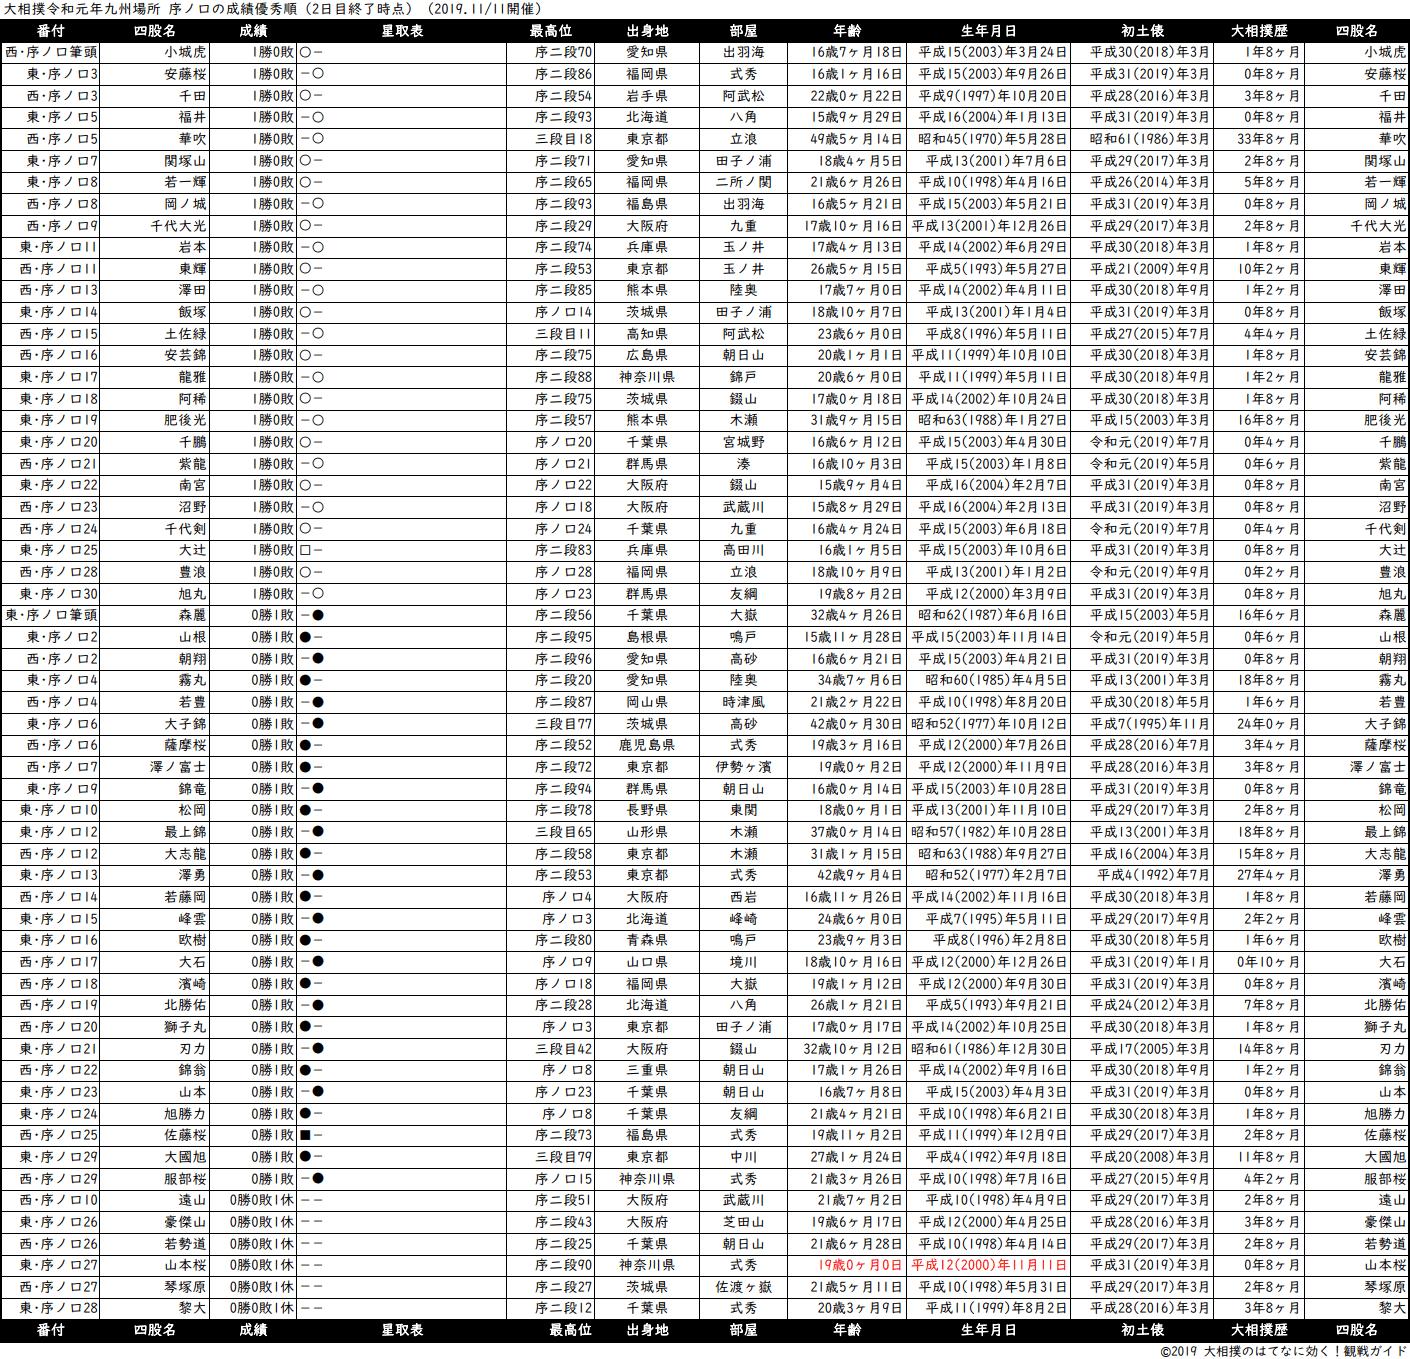 序ノ口成績順一覧表・2019年11月場所2日目